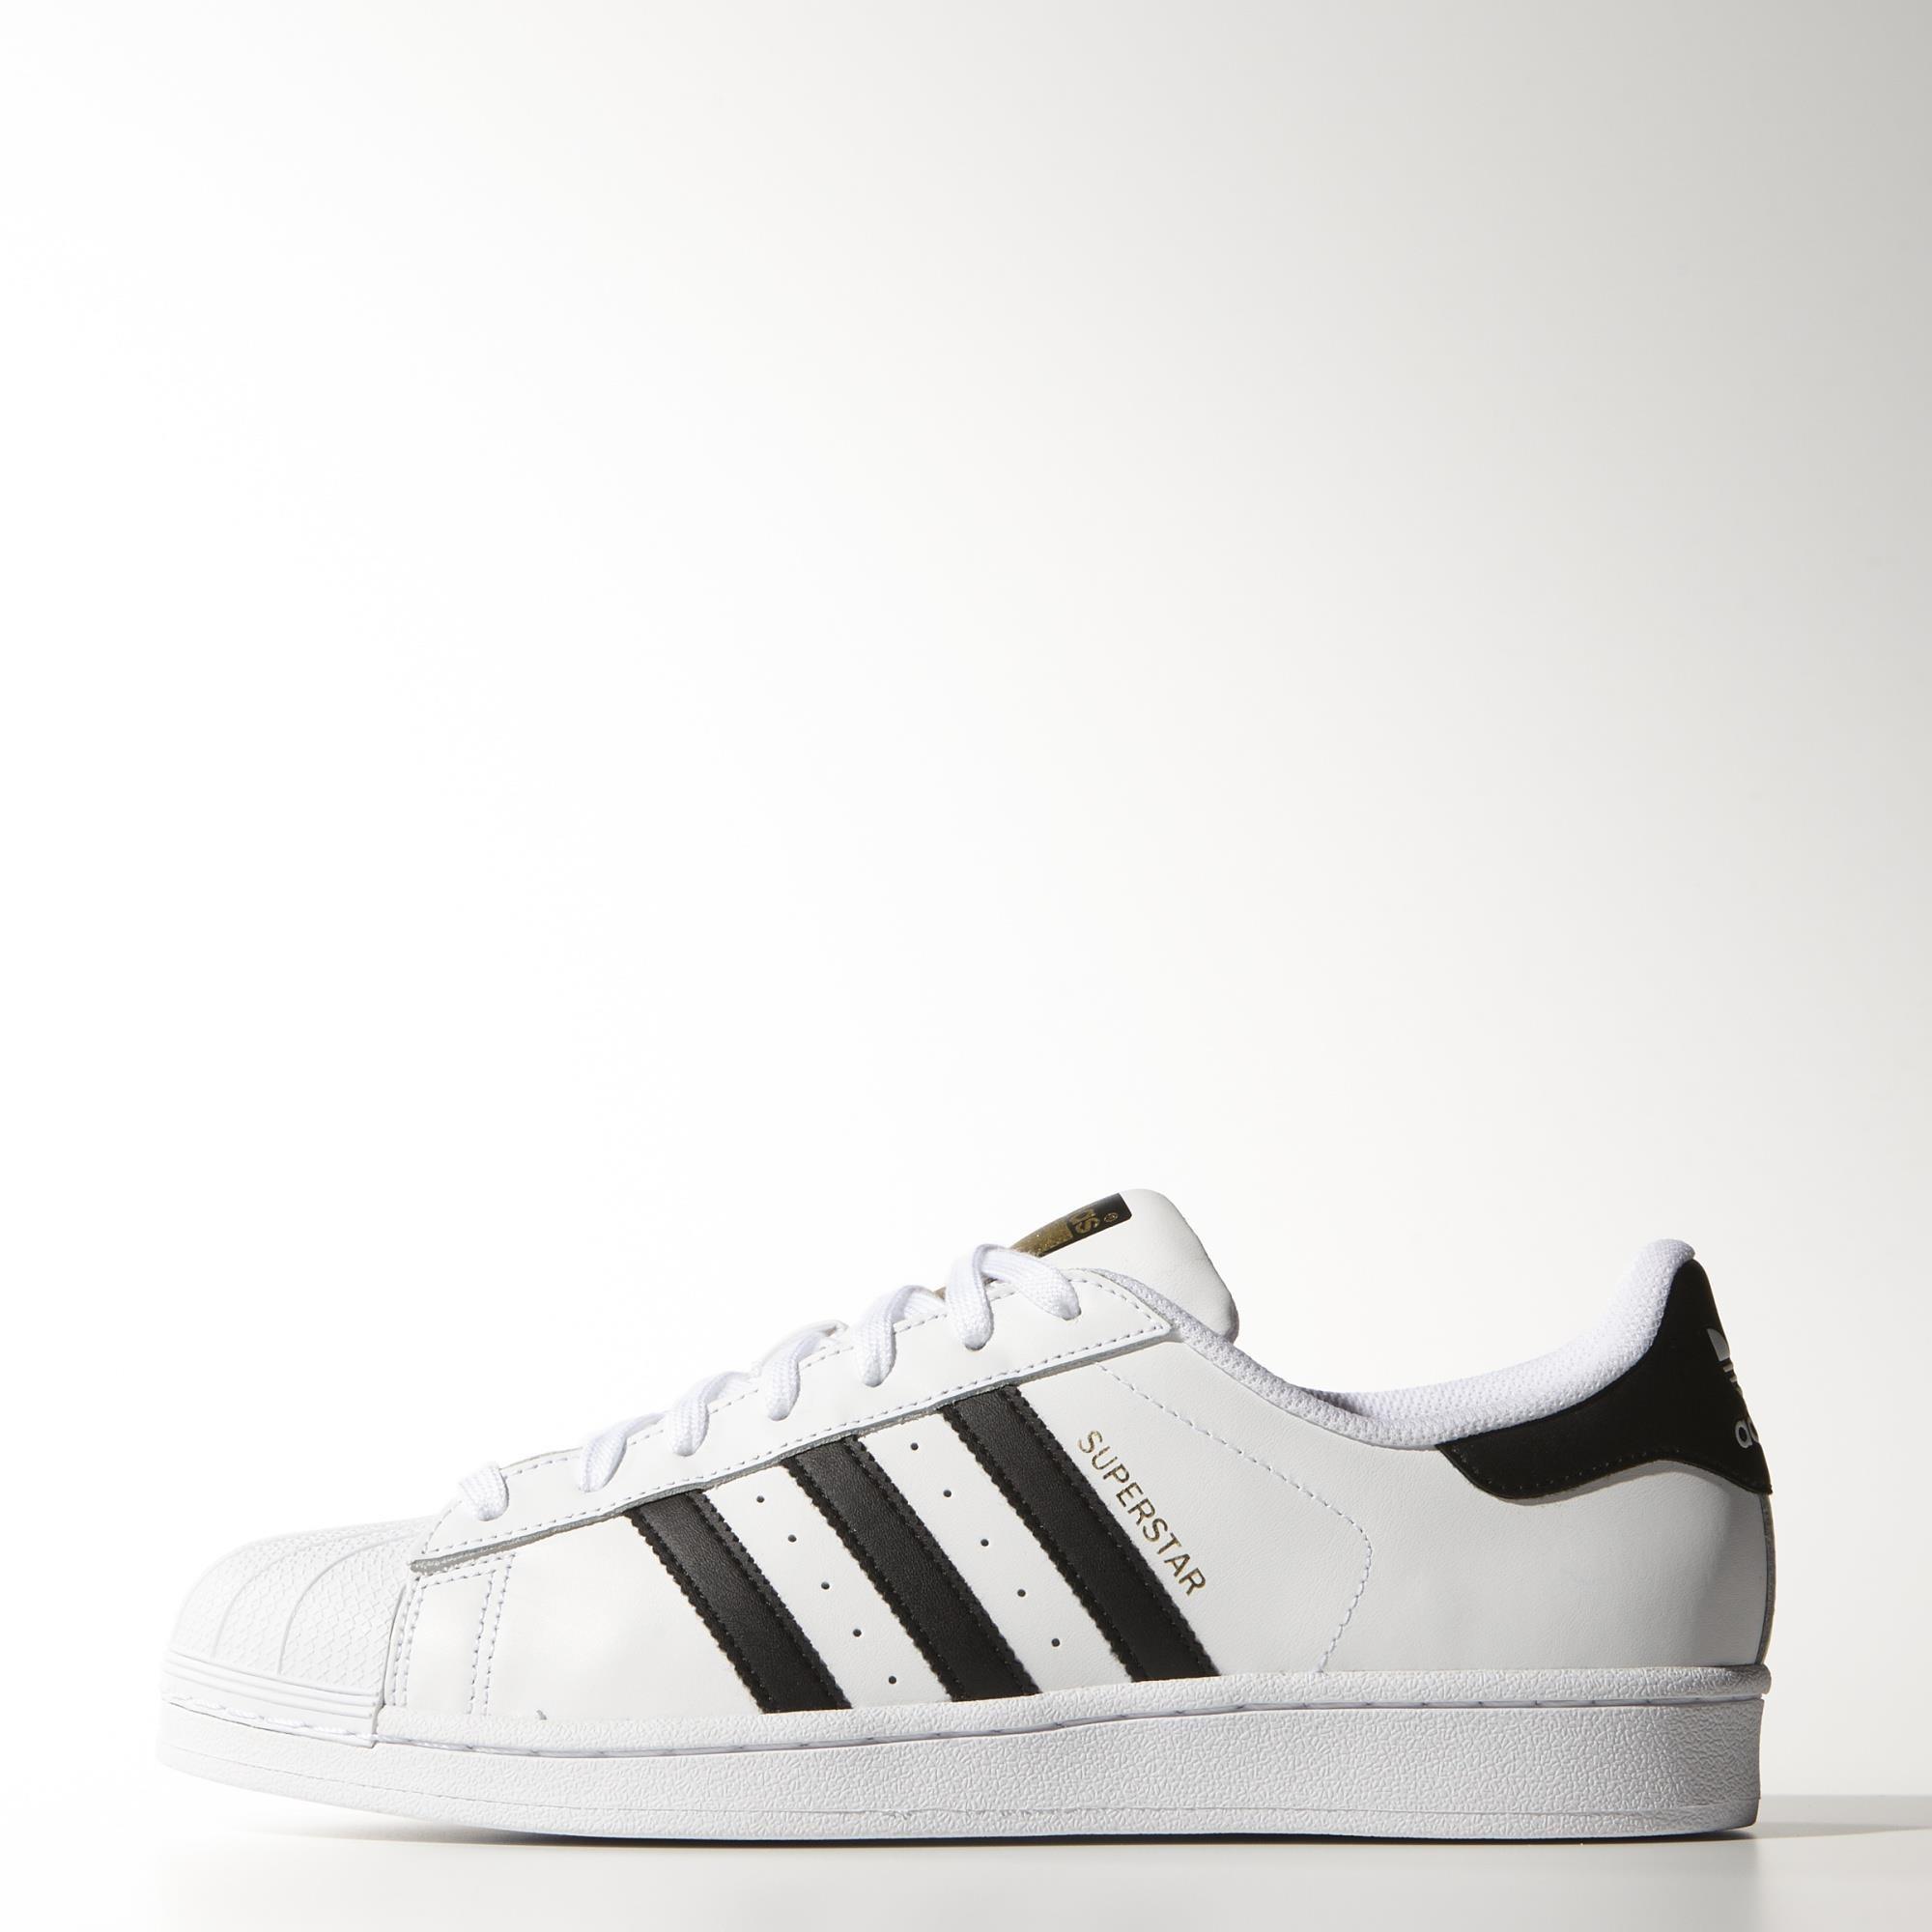 Adidas Superstar Neo